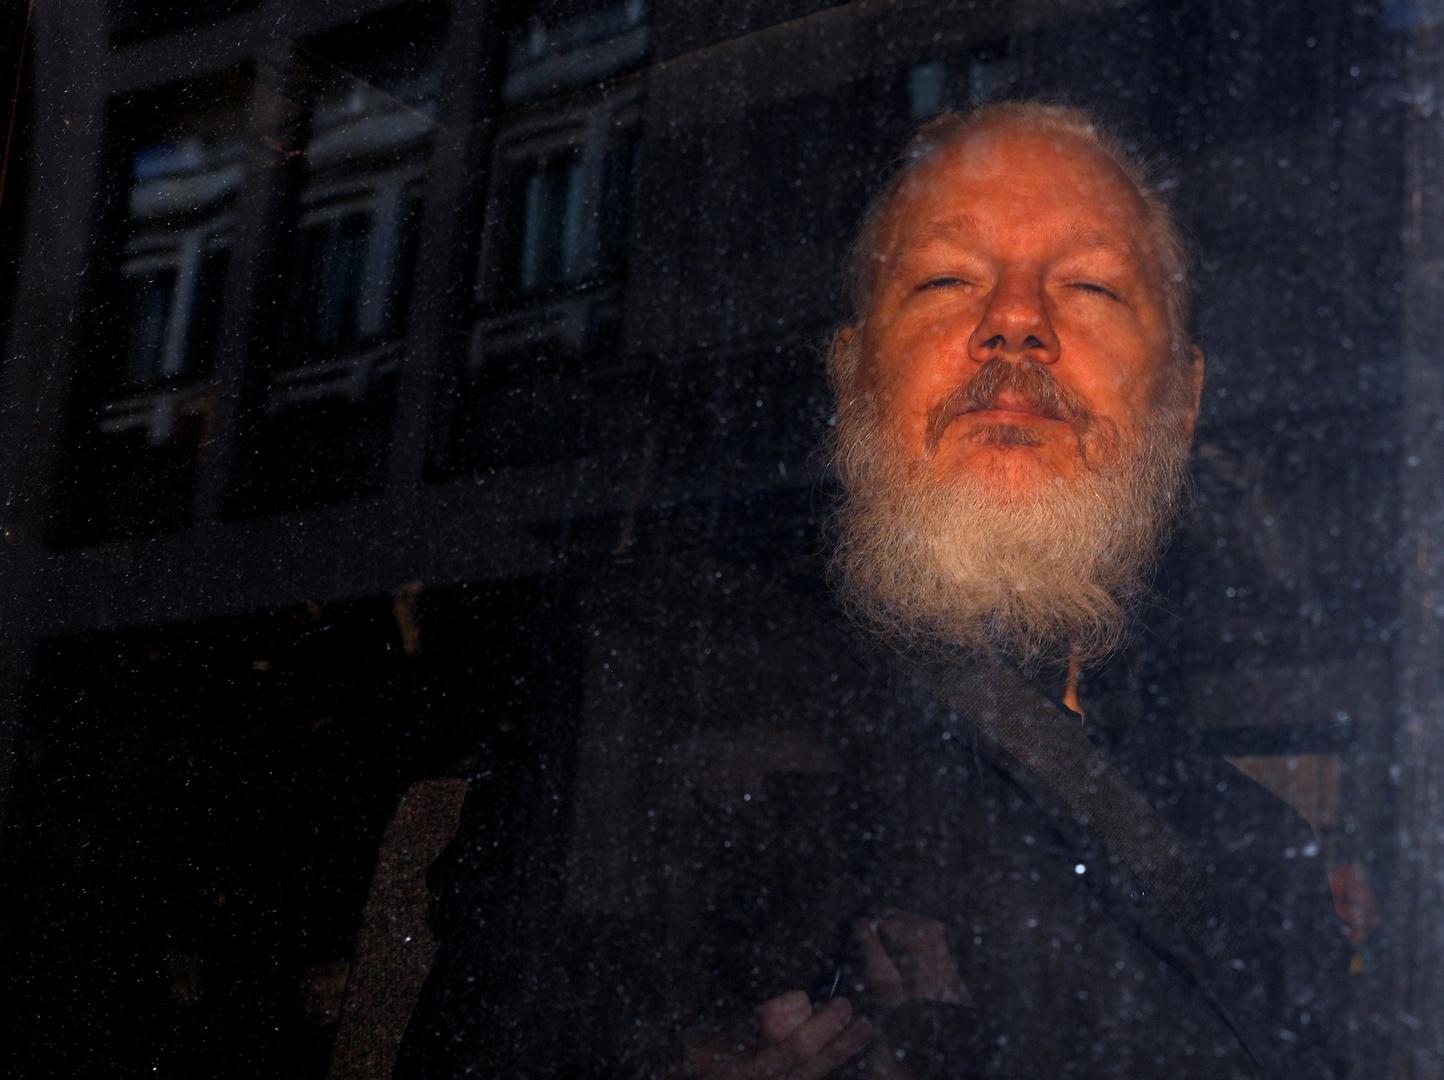 محامو أسانج يحتجون على منعهم من الوصول إليه وموسكو تحذر من